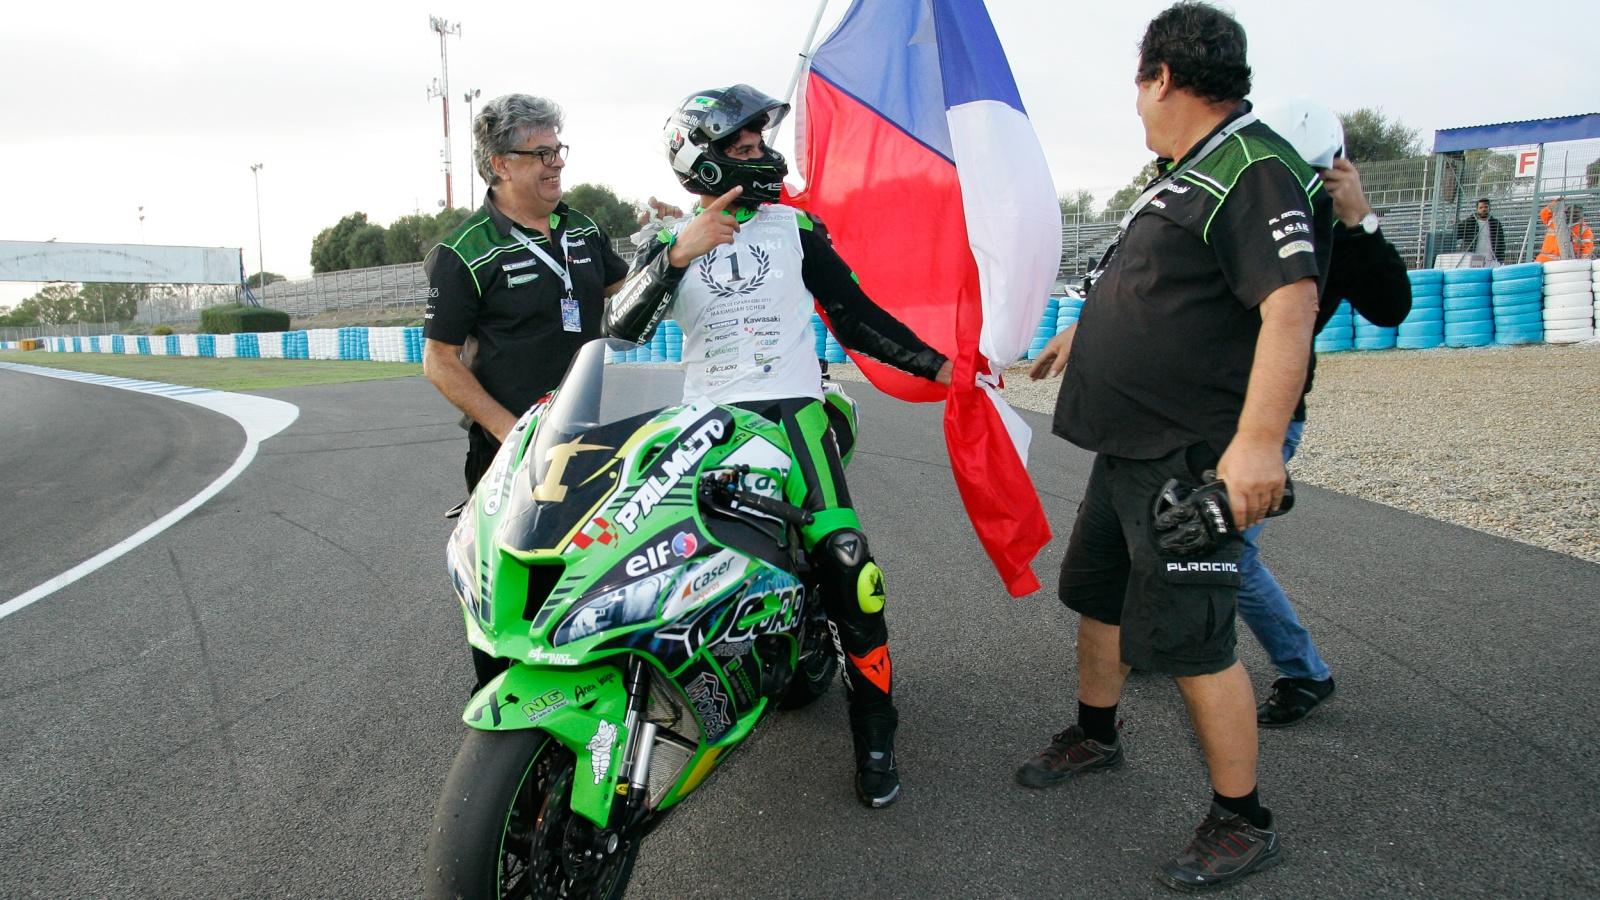 Maxi Scheib da el salto al Mundial de Superbike en 2020 con una Kawasaki tras ganar el ESBK